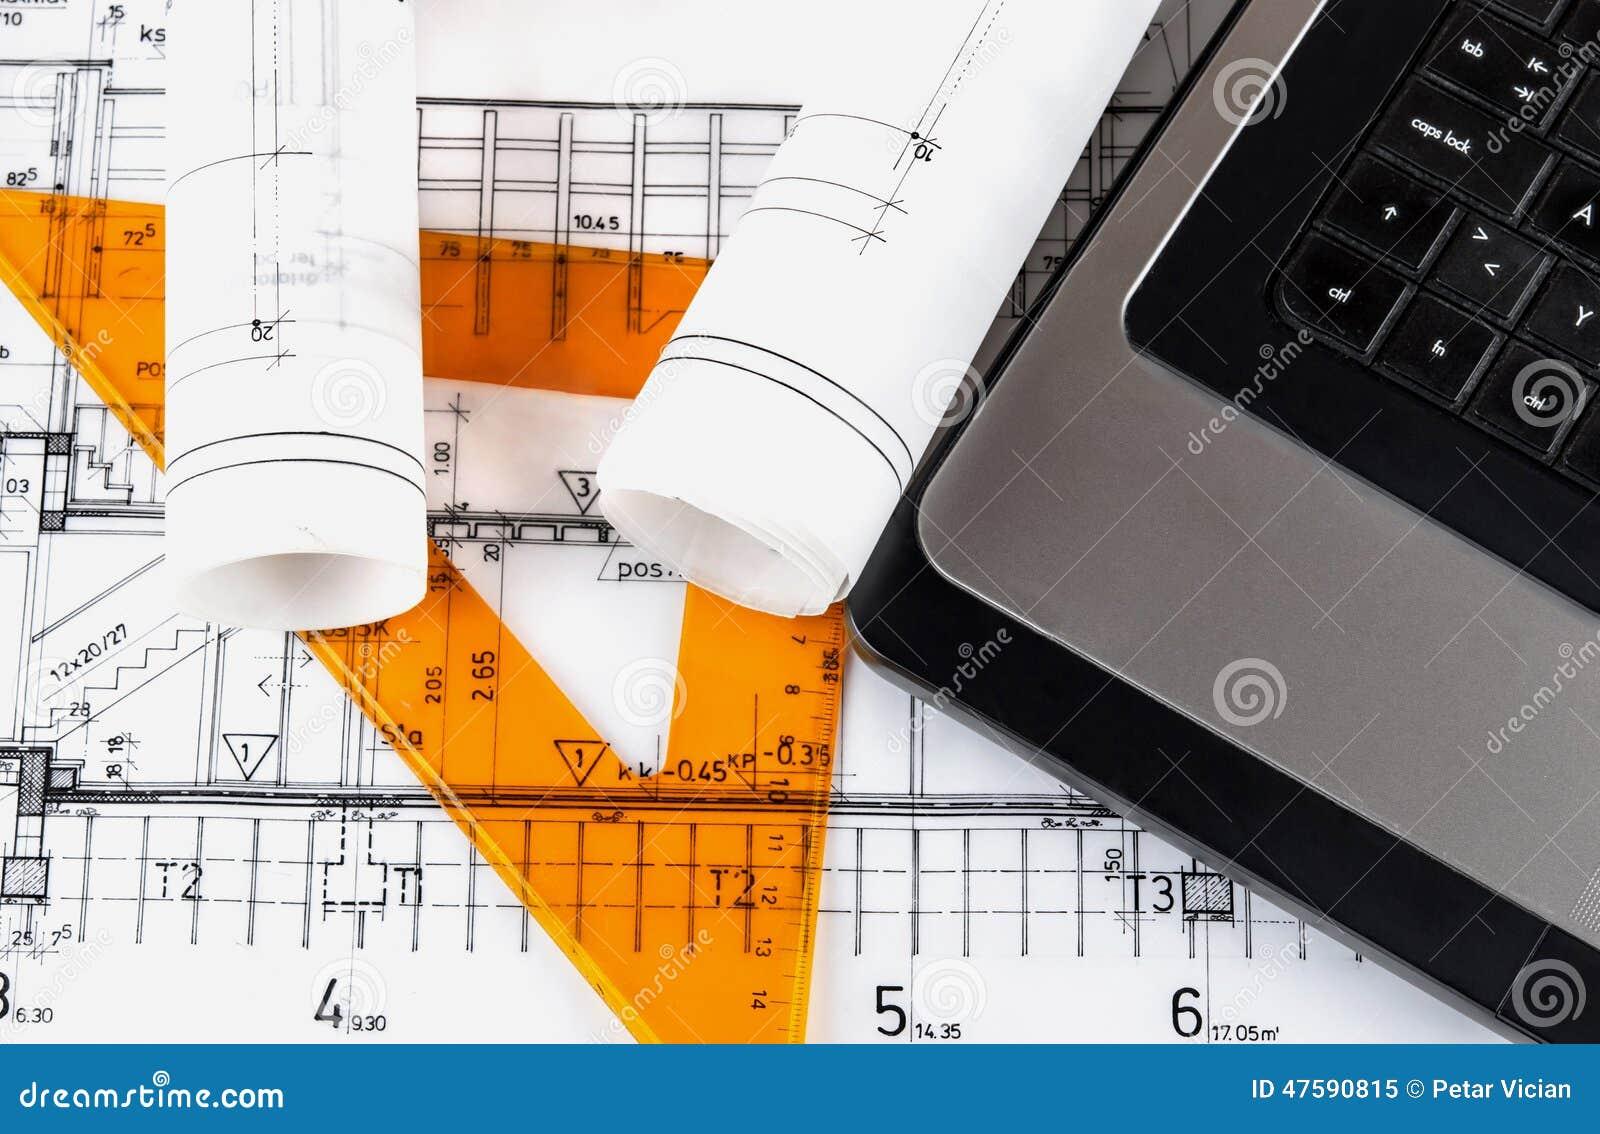 Architektur rollt Architekturplan-Architektenpläne